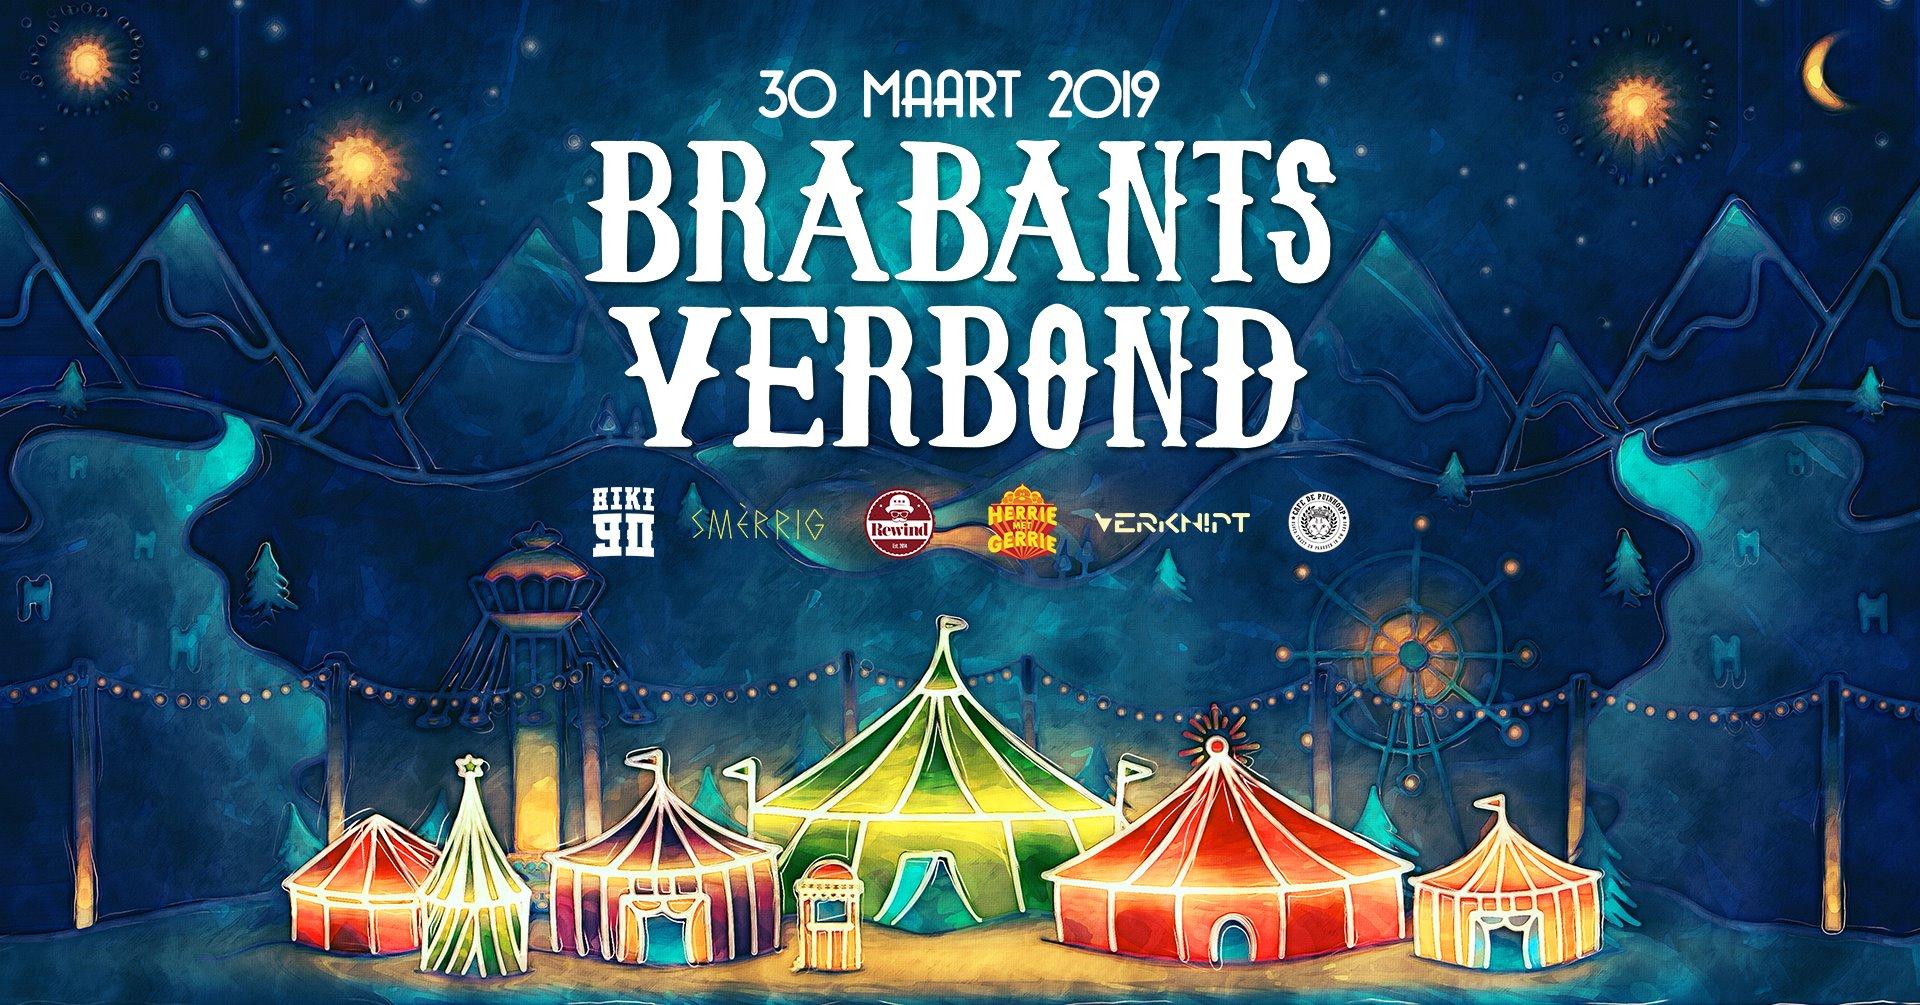 Brabants Verbond 2019